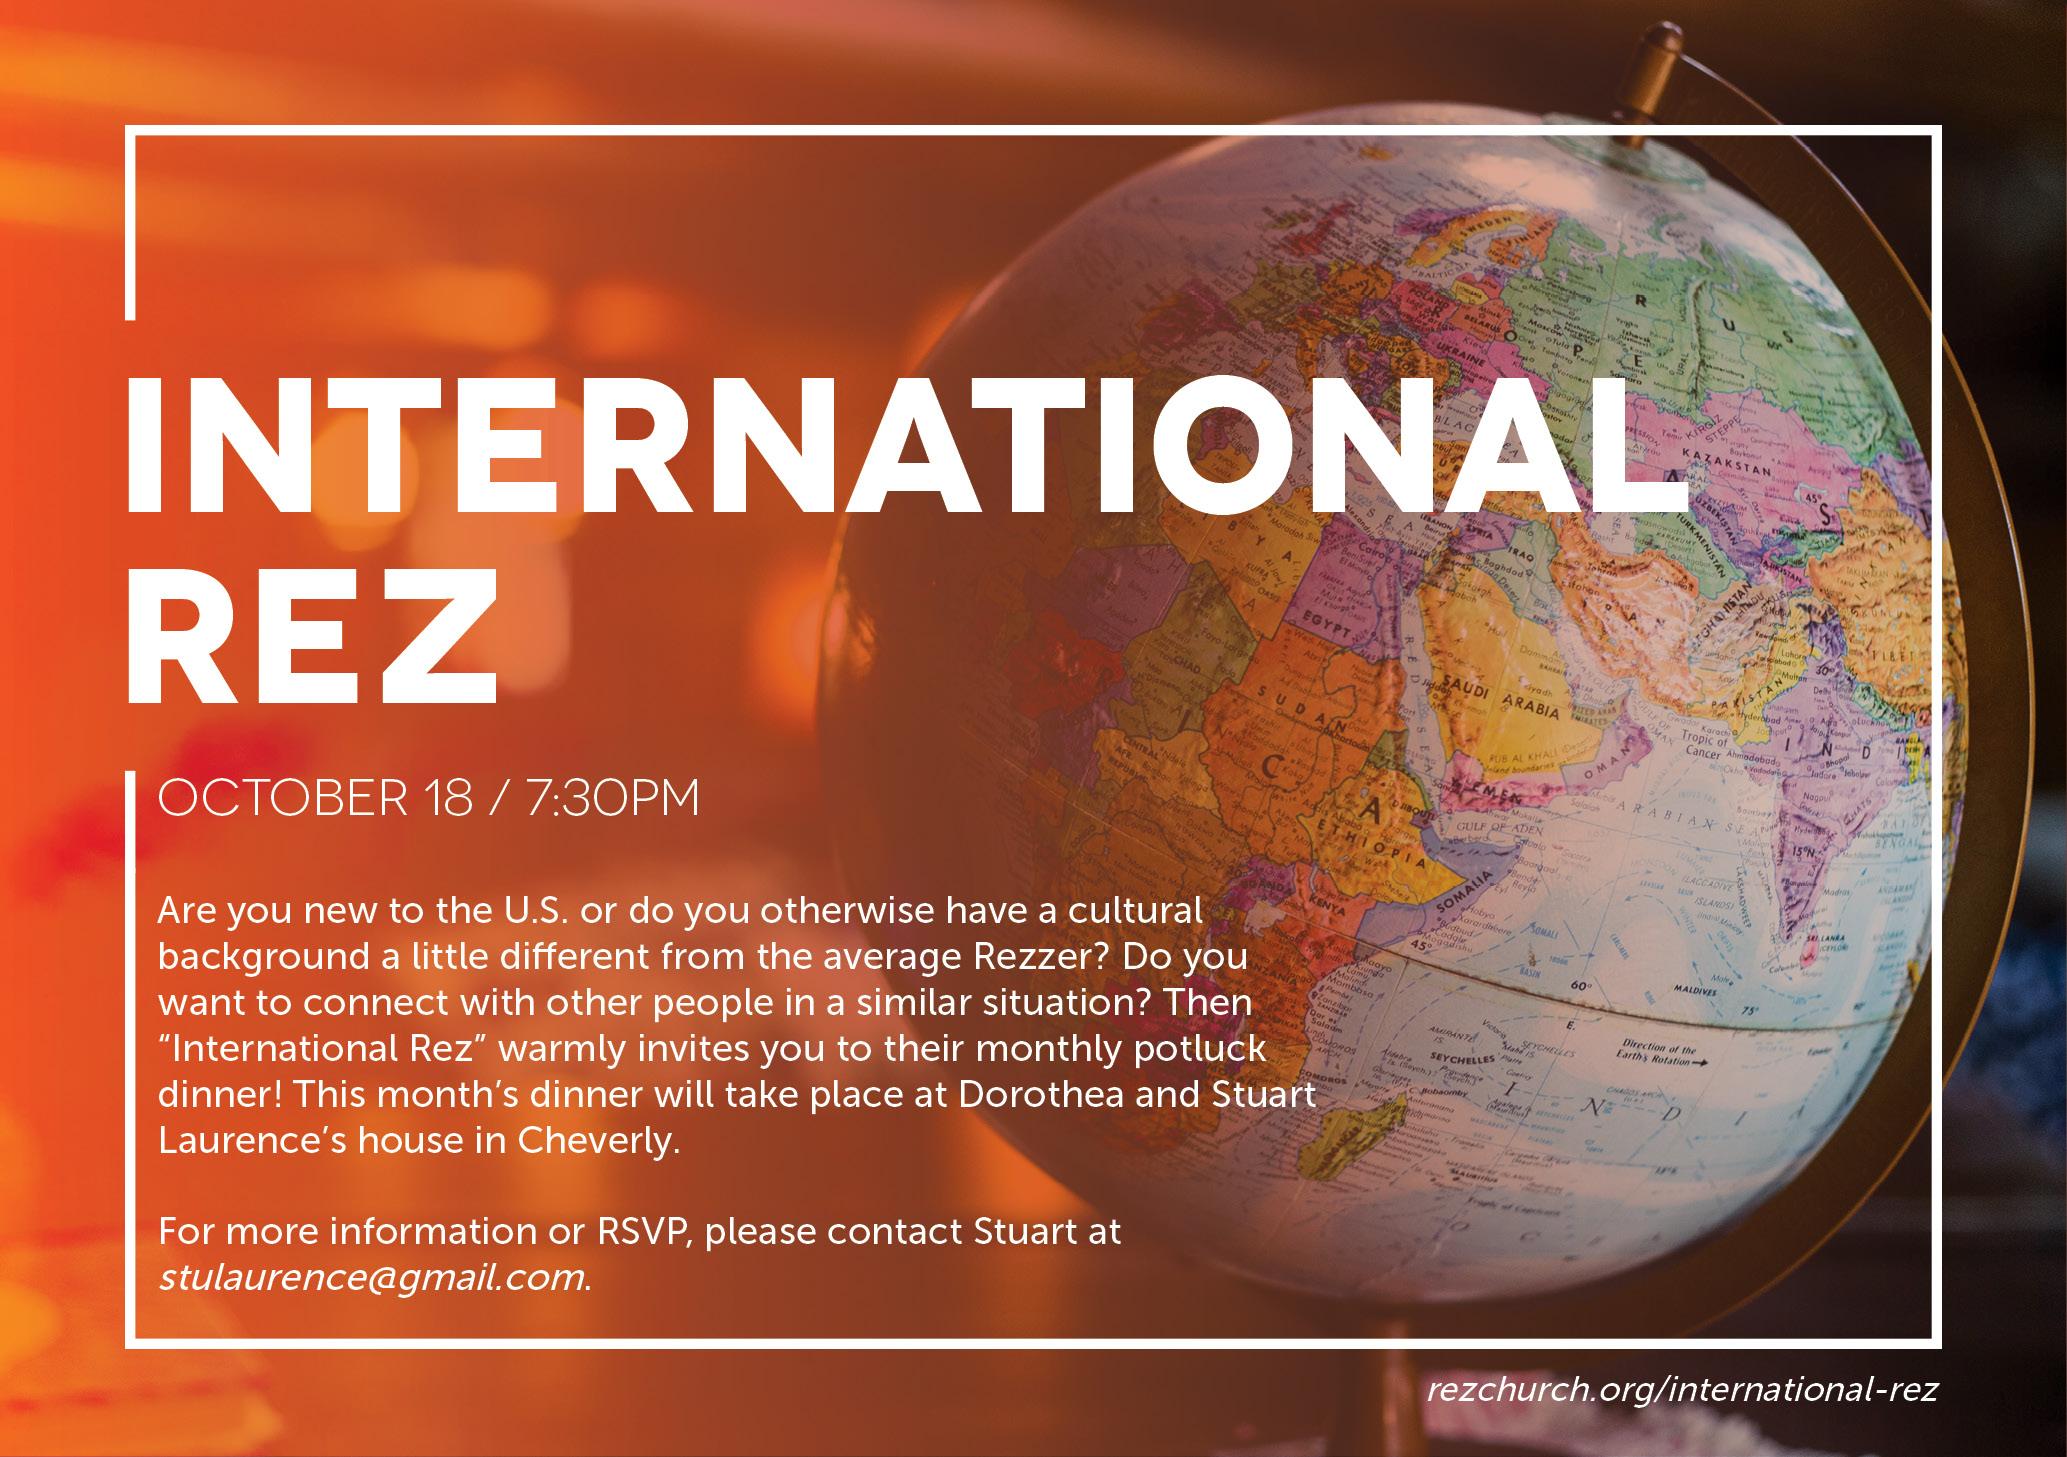 InternationalRez